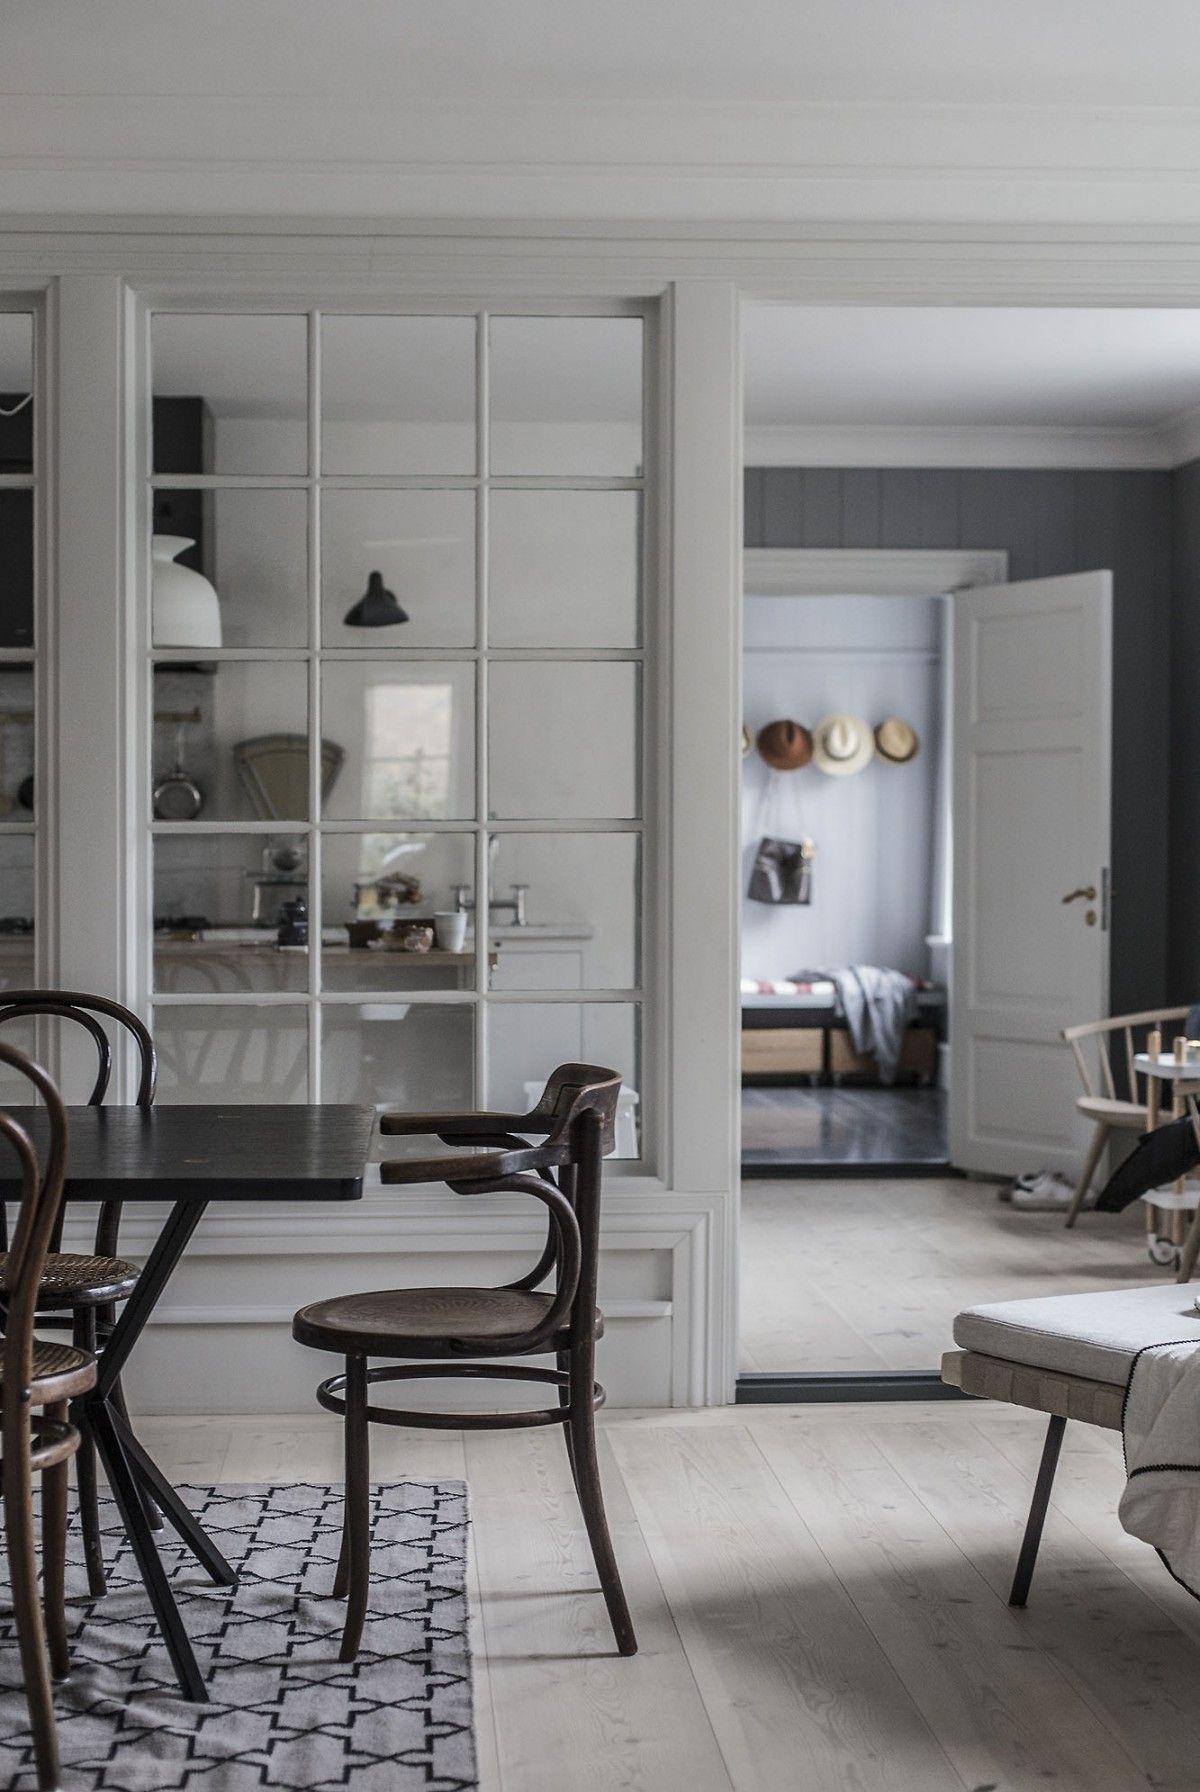 2 zimmer küchendesign strenghielmtellandska  interiorfurniture  pinterest